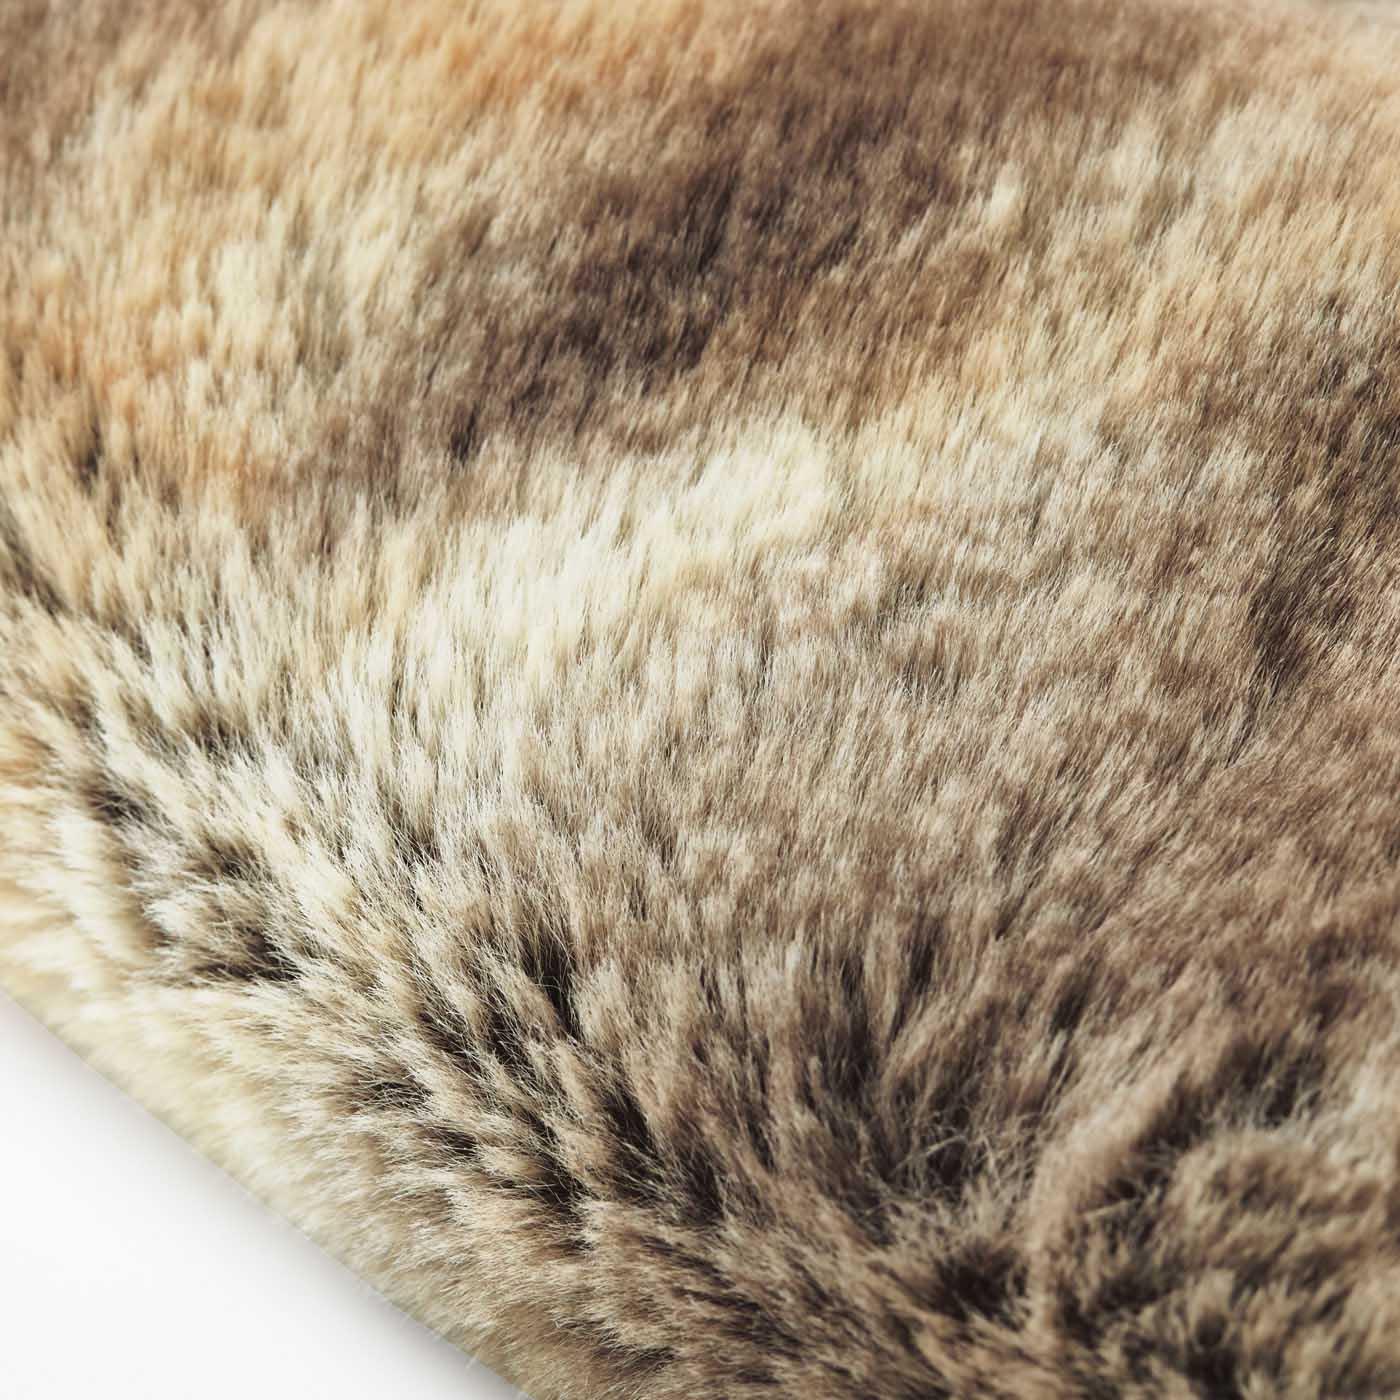 [表側]毛足の長いふわふわのフェイクファー。